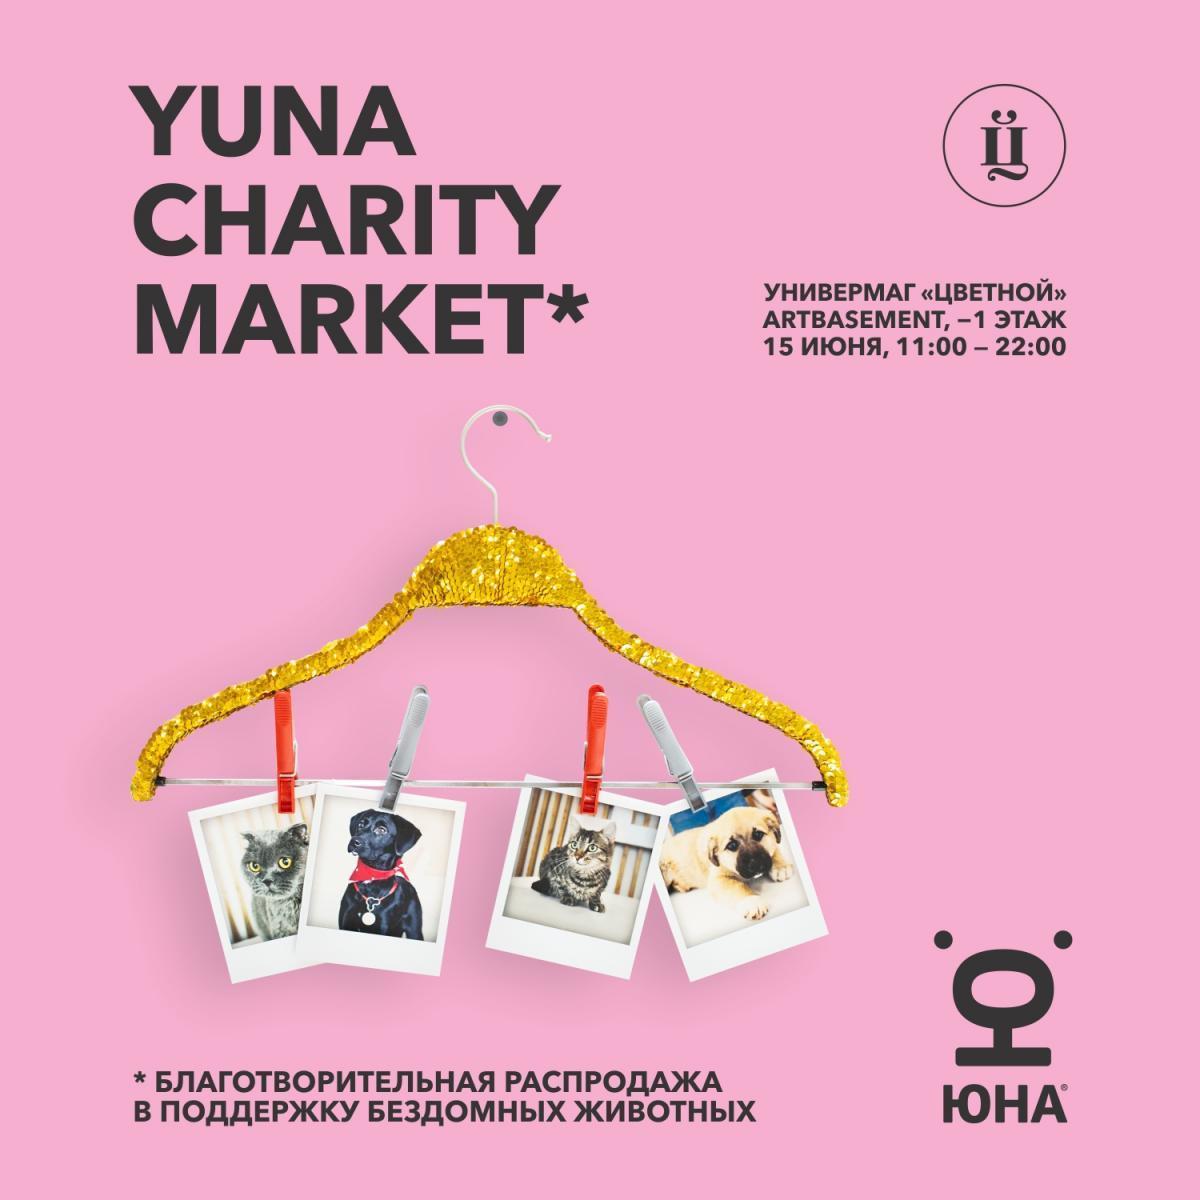 Центр реабилитации временно бездомных животных «Юна» организует благотворительную распродажу «YUNA CHARITY MARKET»